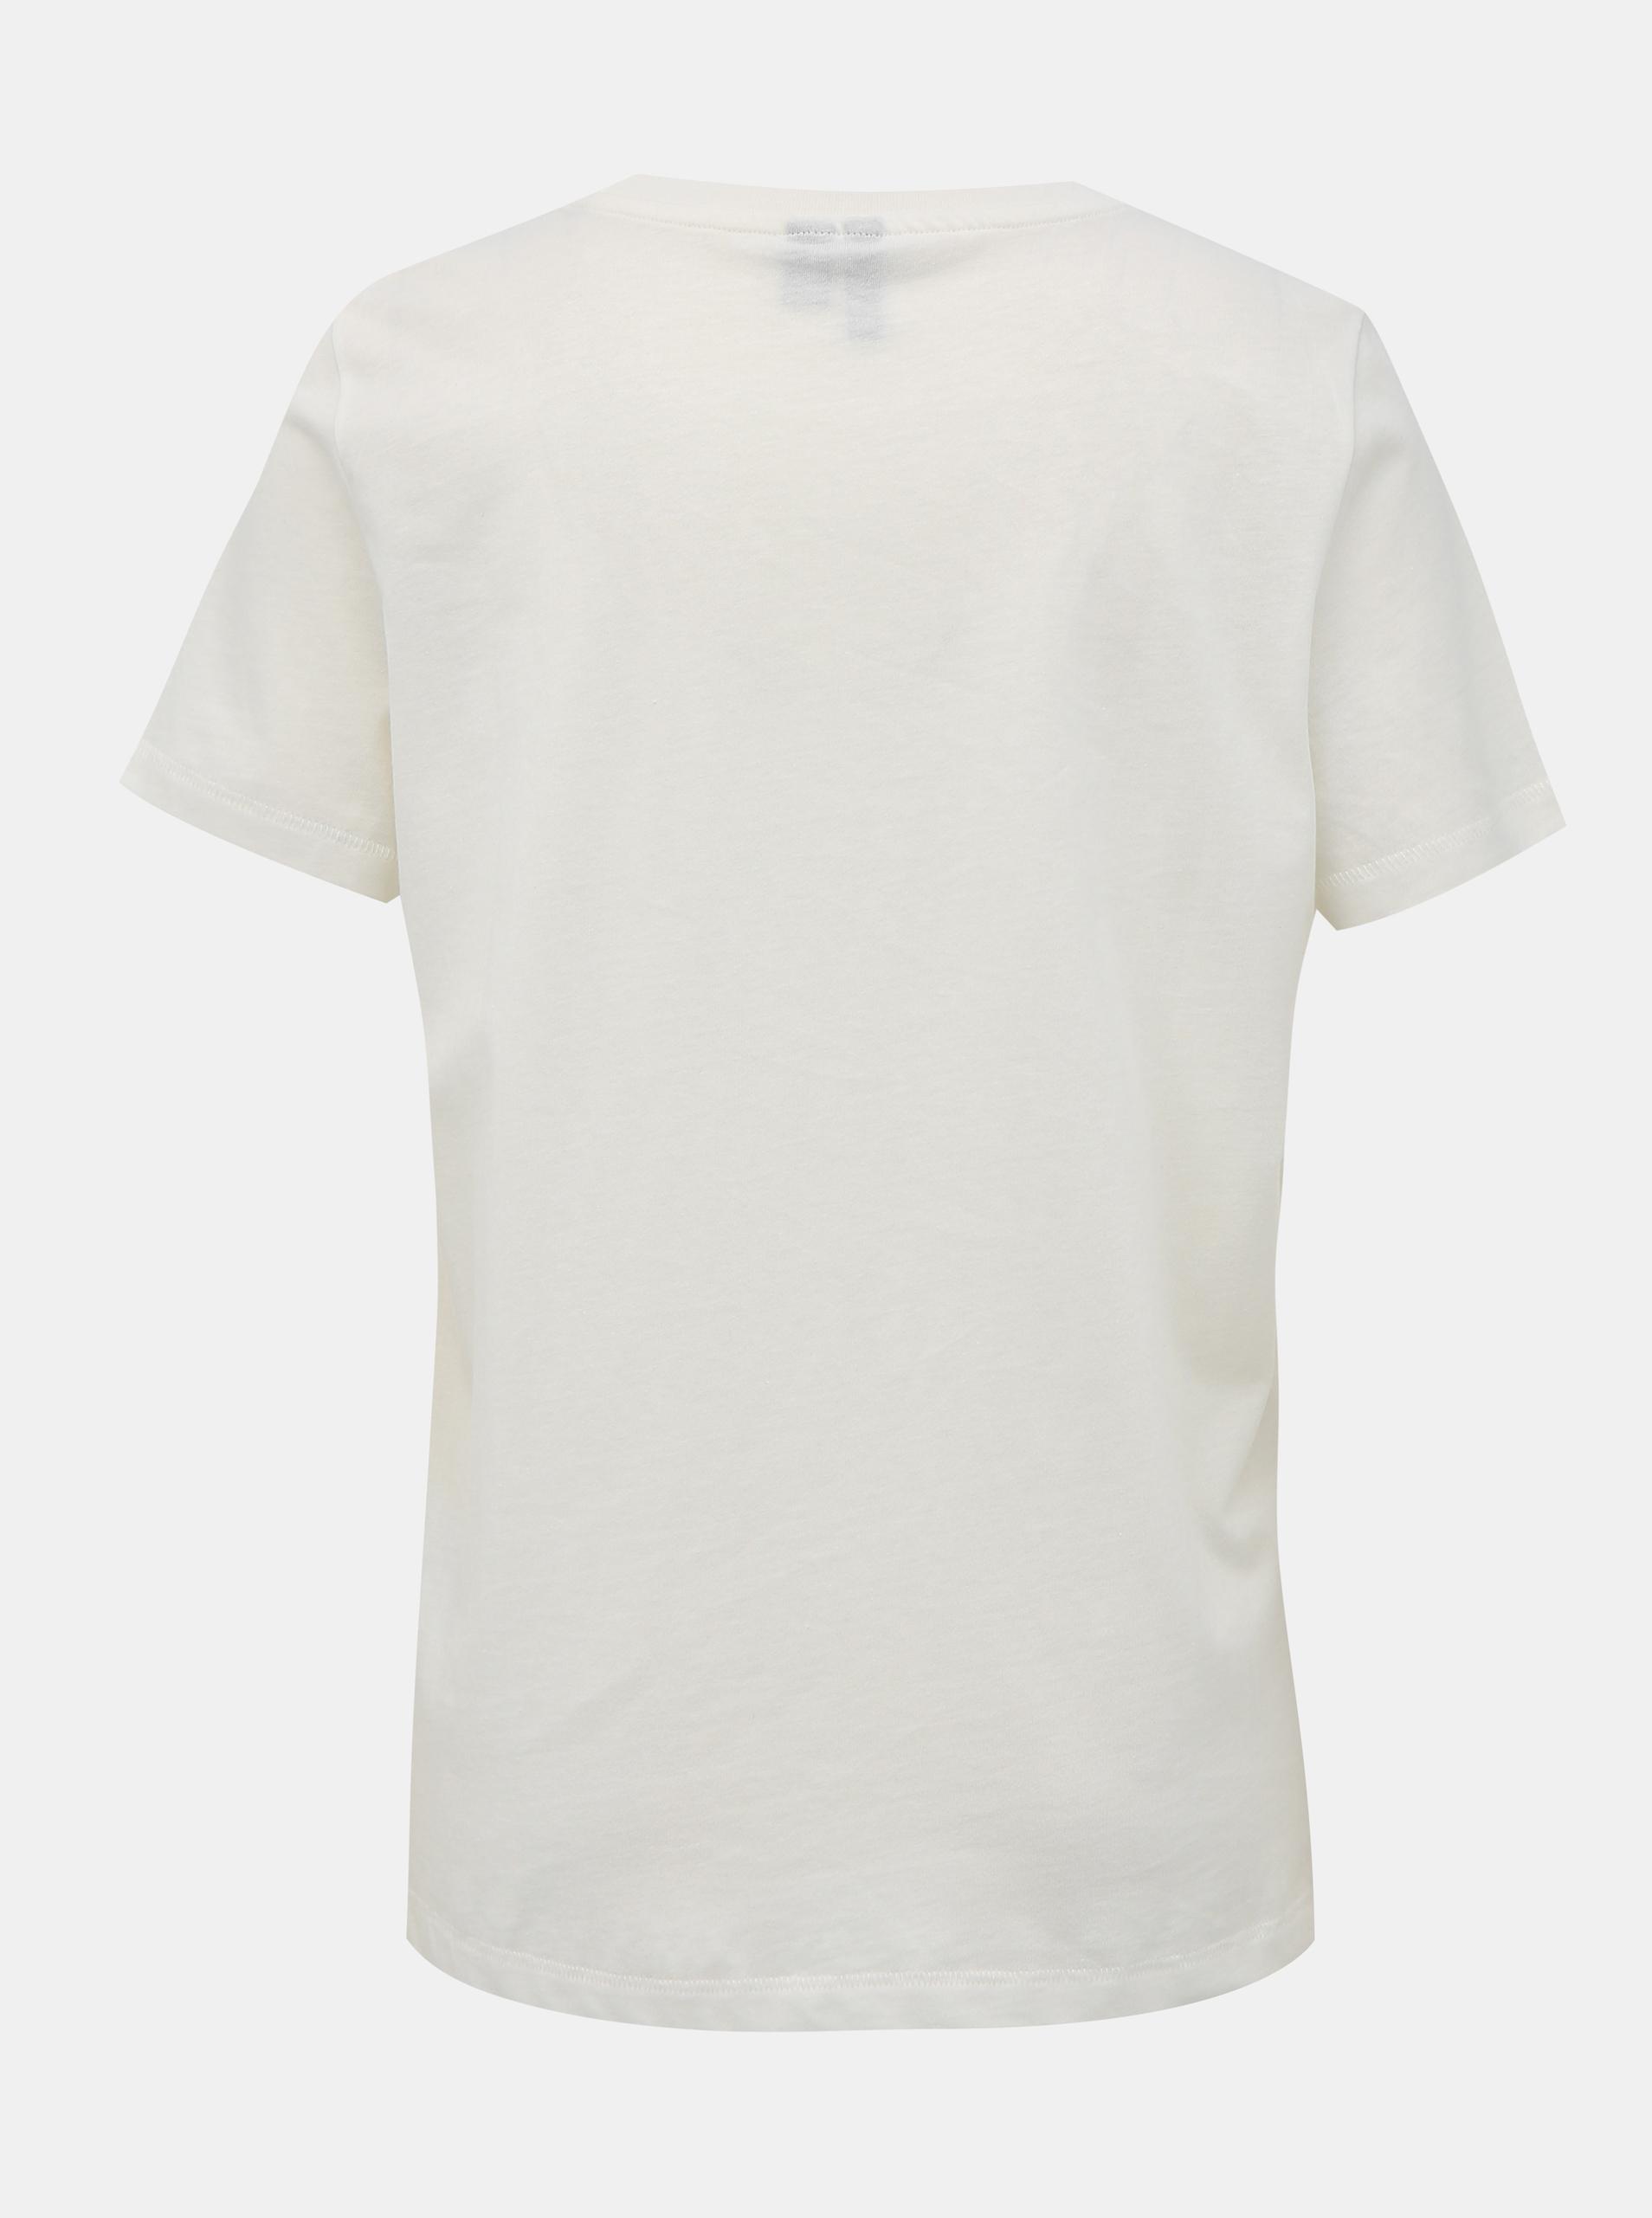 Fehér póló VERO MODA sivatagi nyomtatással